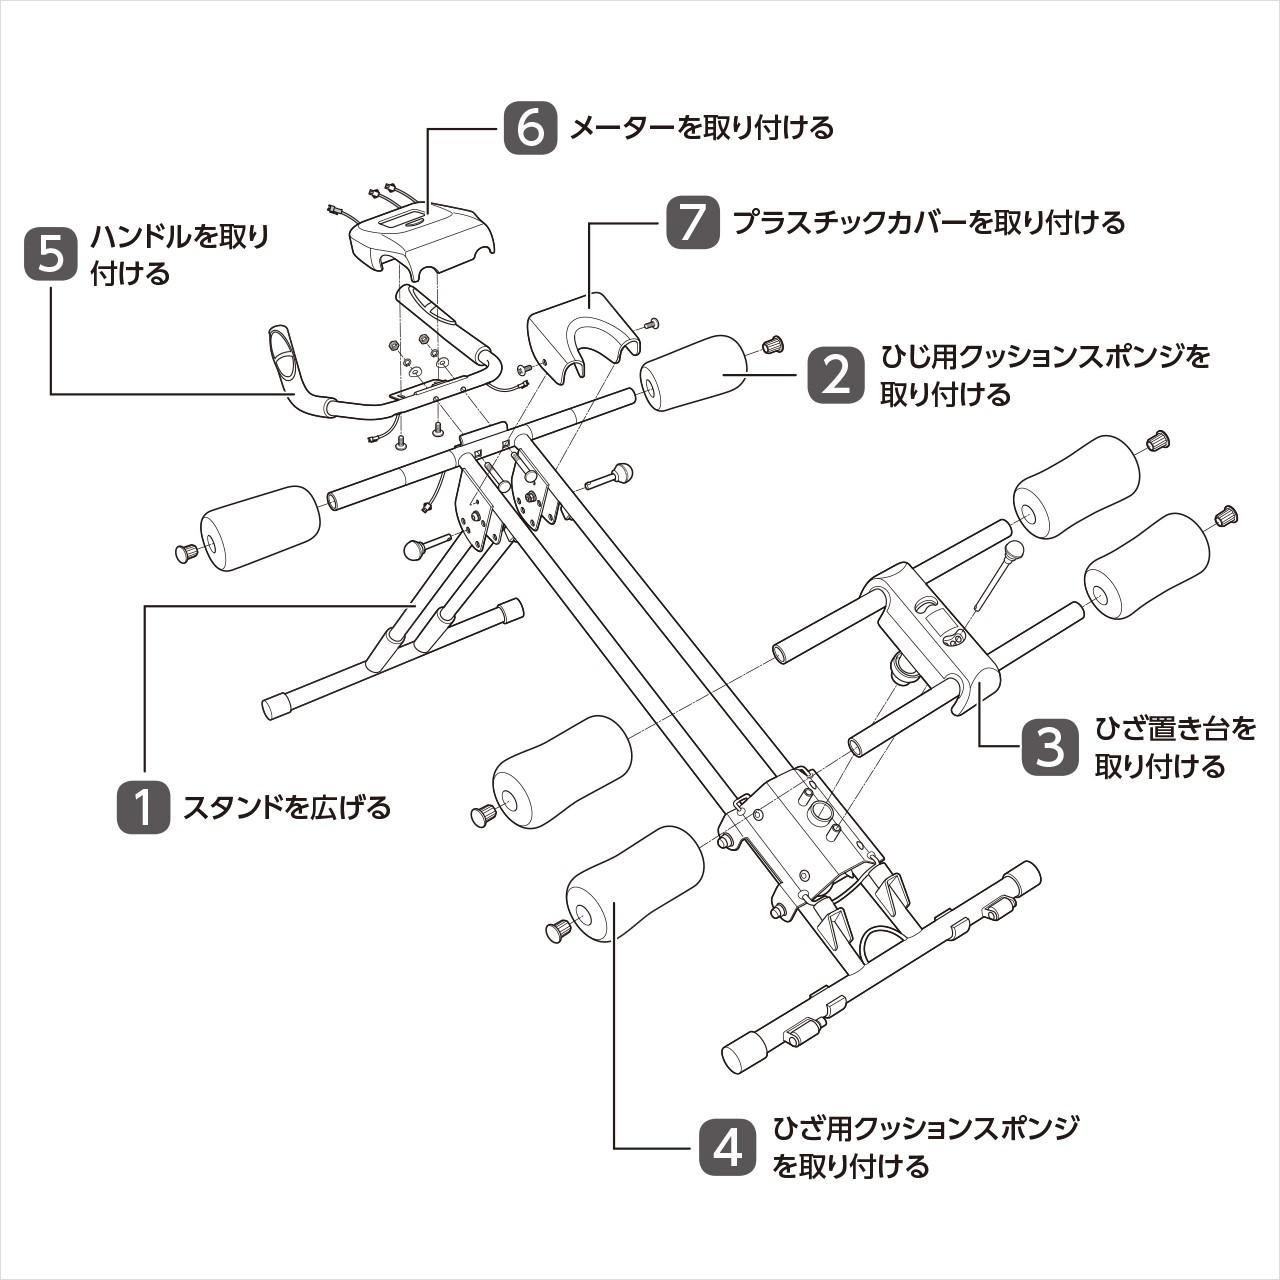 組み立て全体像|アブクラッシャー(腹筋マシン)の組み立て方